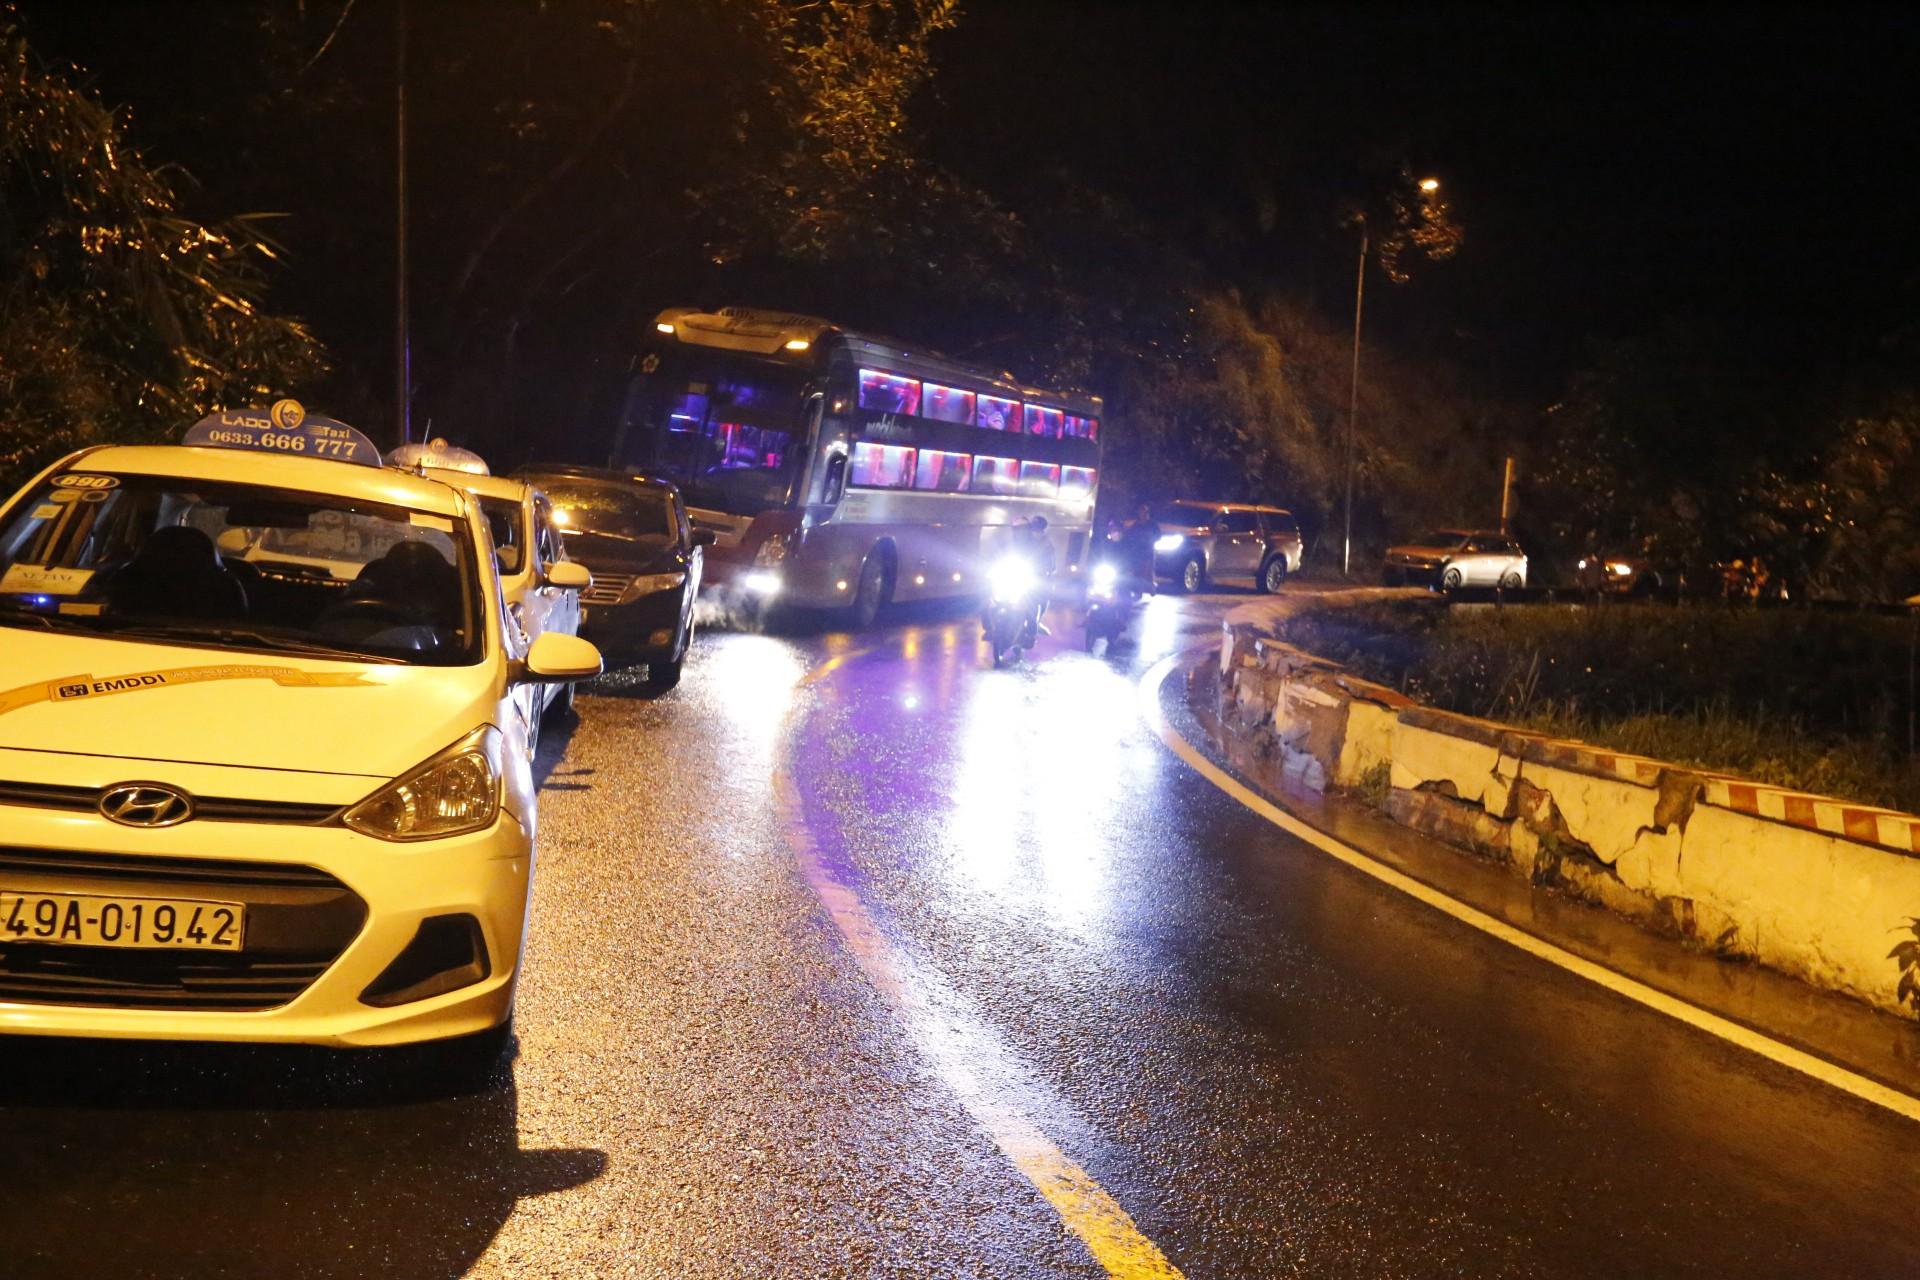 Đà Lạt: Cây thông 20 năm tuổi bị bật gốc đổ chắn ngang đường, giao thông tê liệt hàng giờ 4